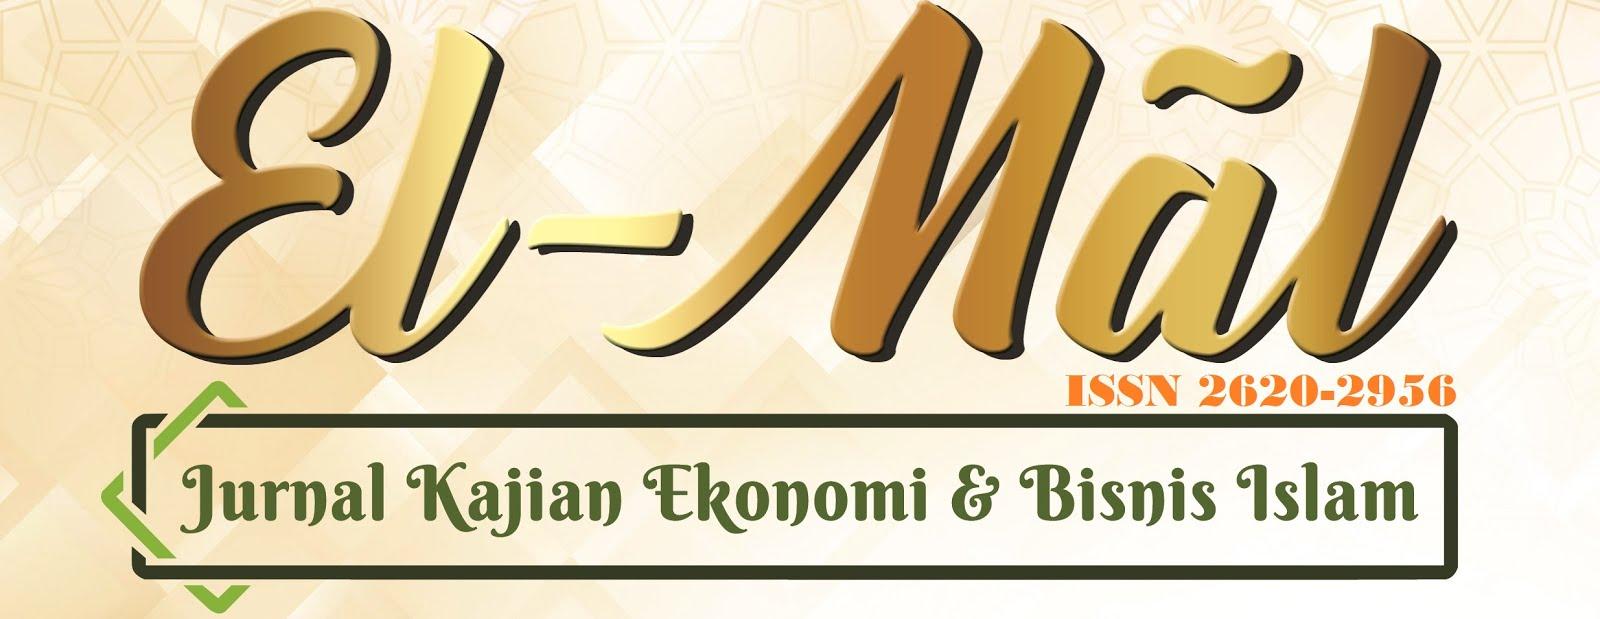 El-Mấl: Jurnal Kajian Ekonomi & Bisnis Islam